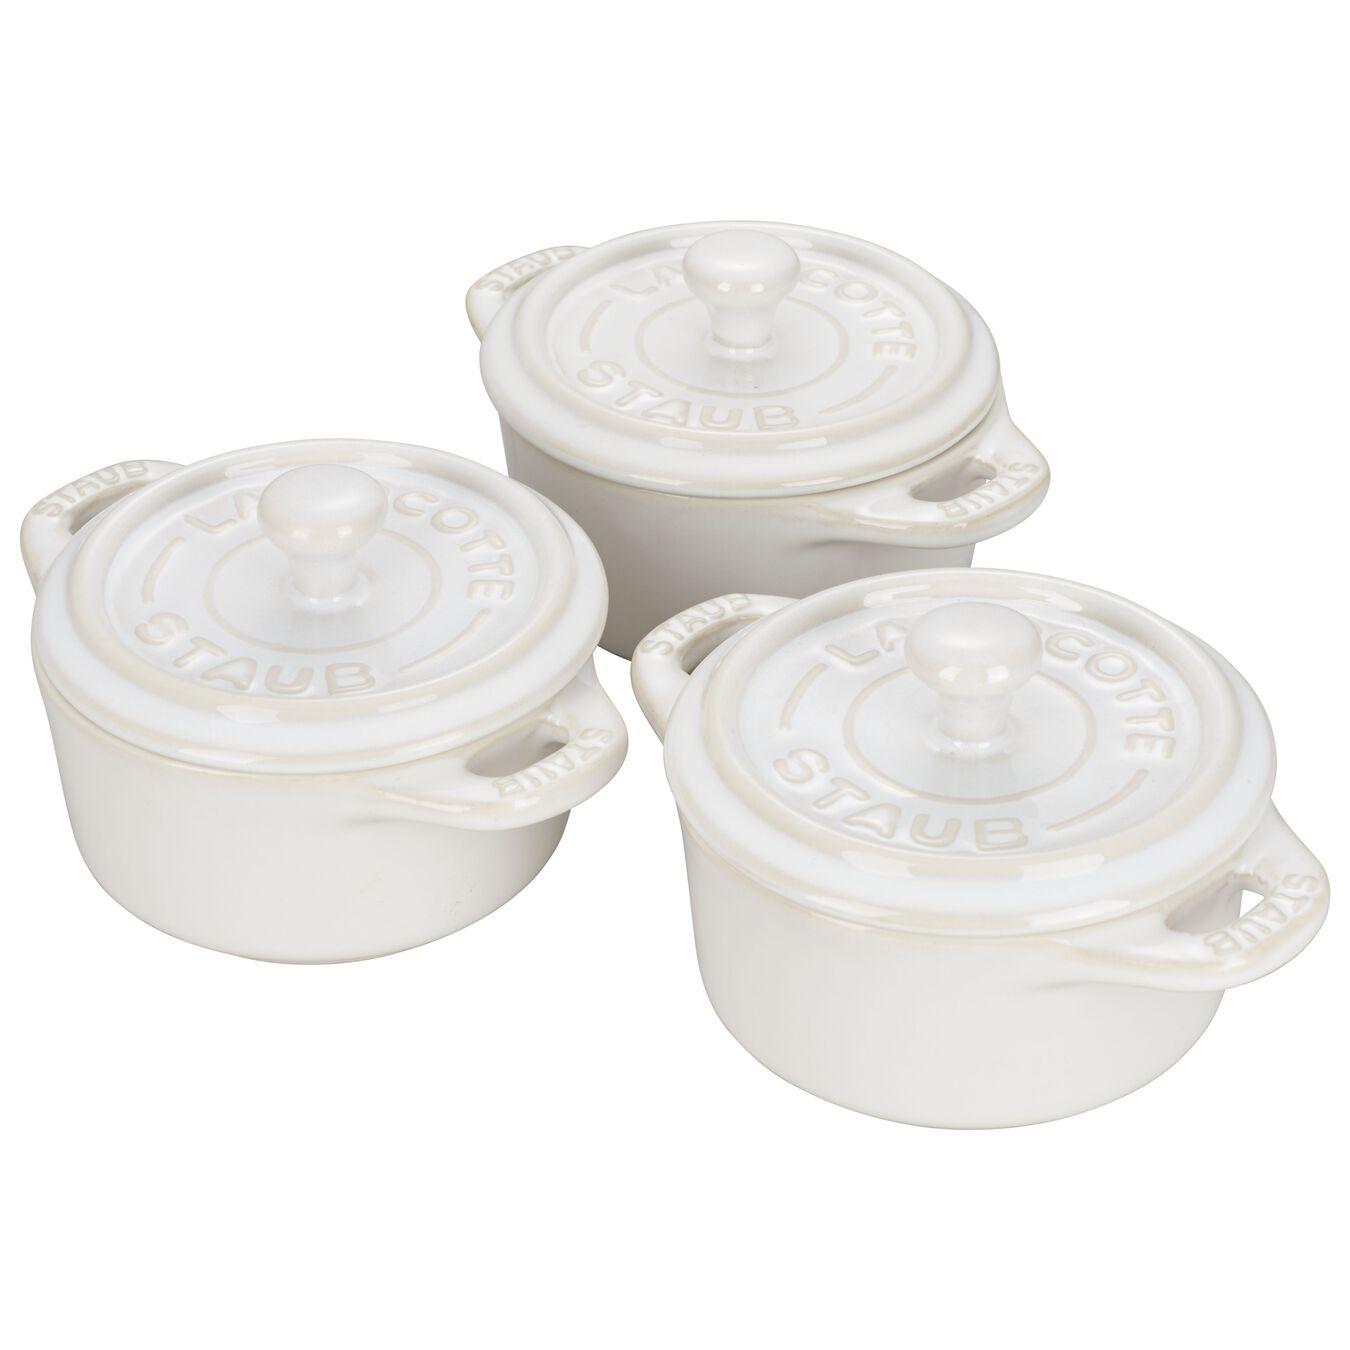 3-pc, Cocotte set, ivory-white,,large 3